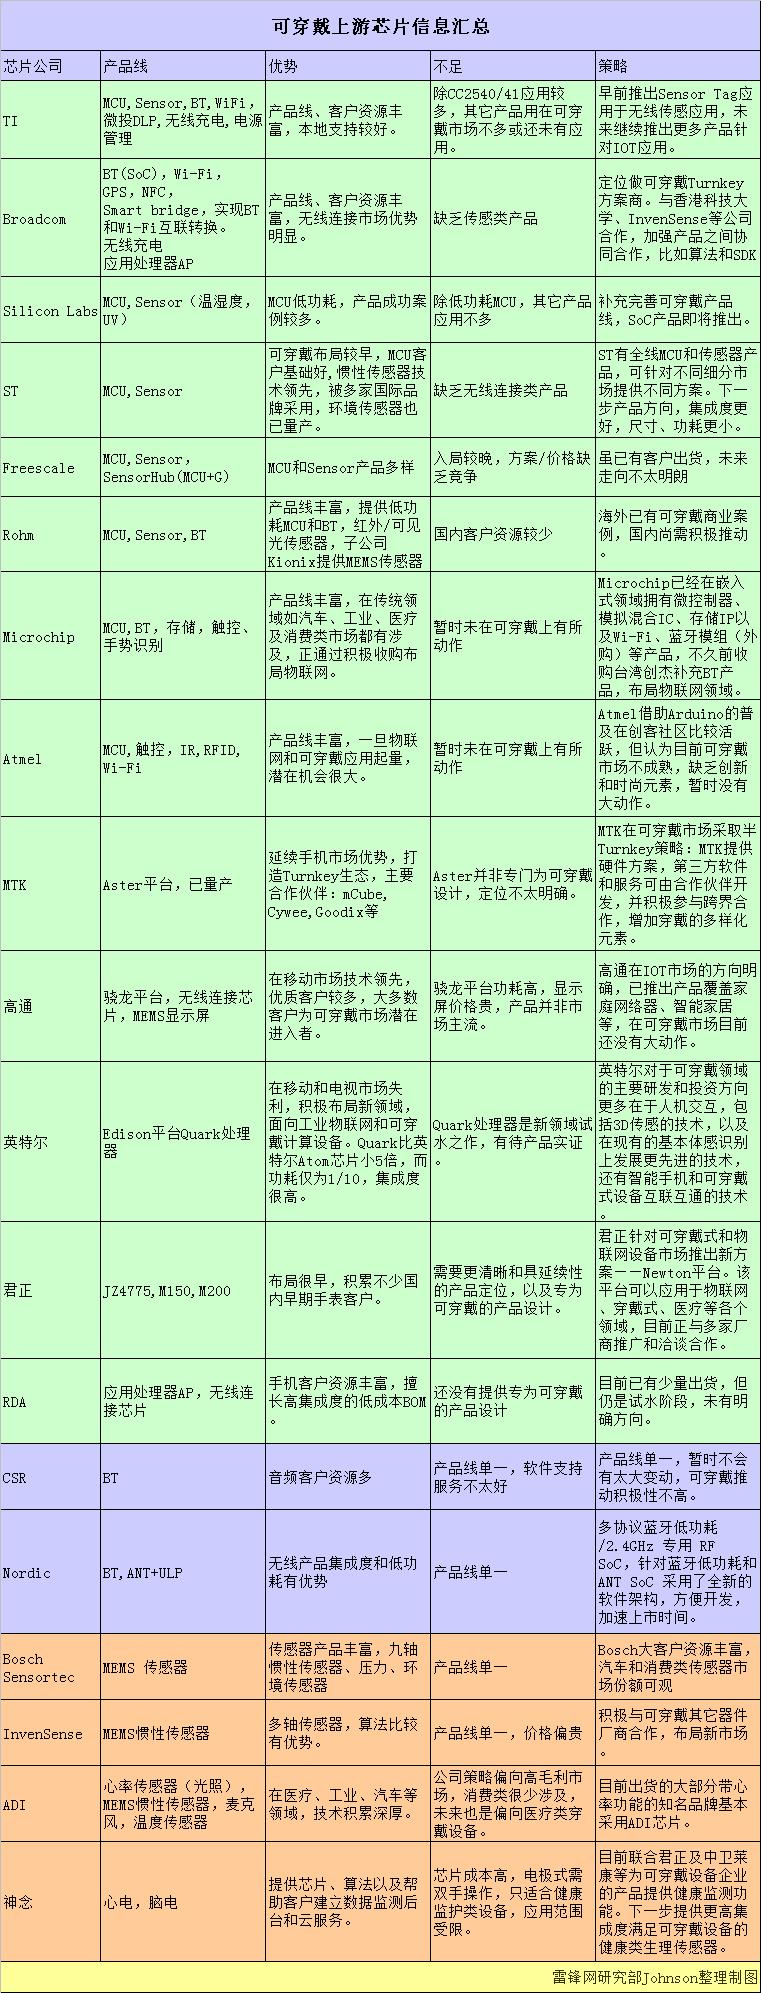 雷锋网:中国可穿戴市场白皮书(二)